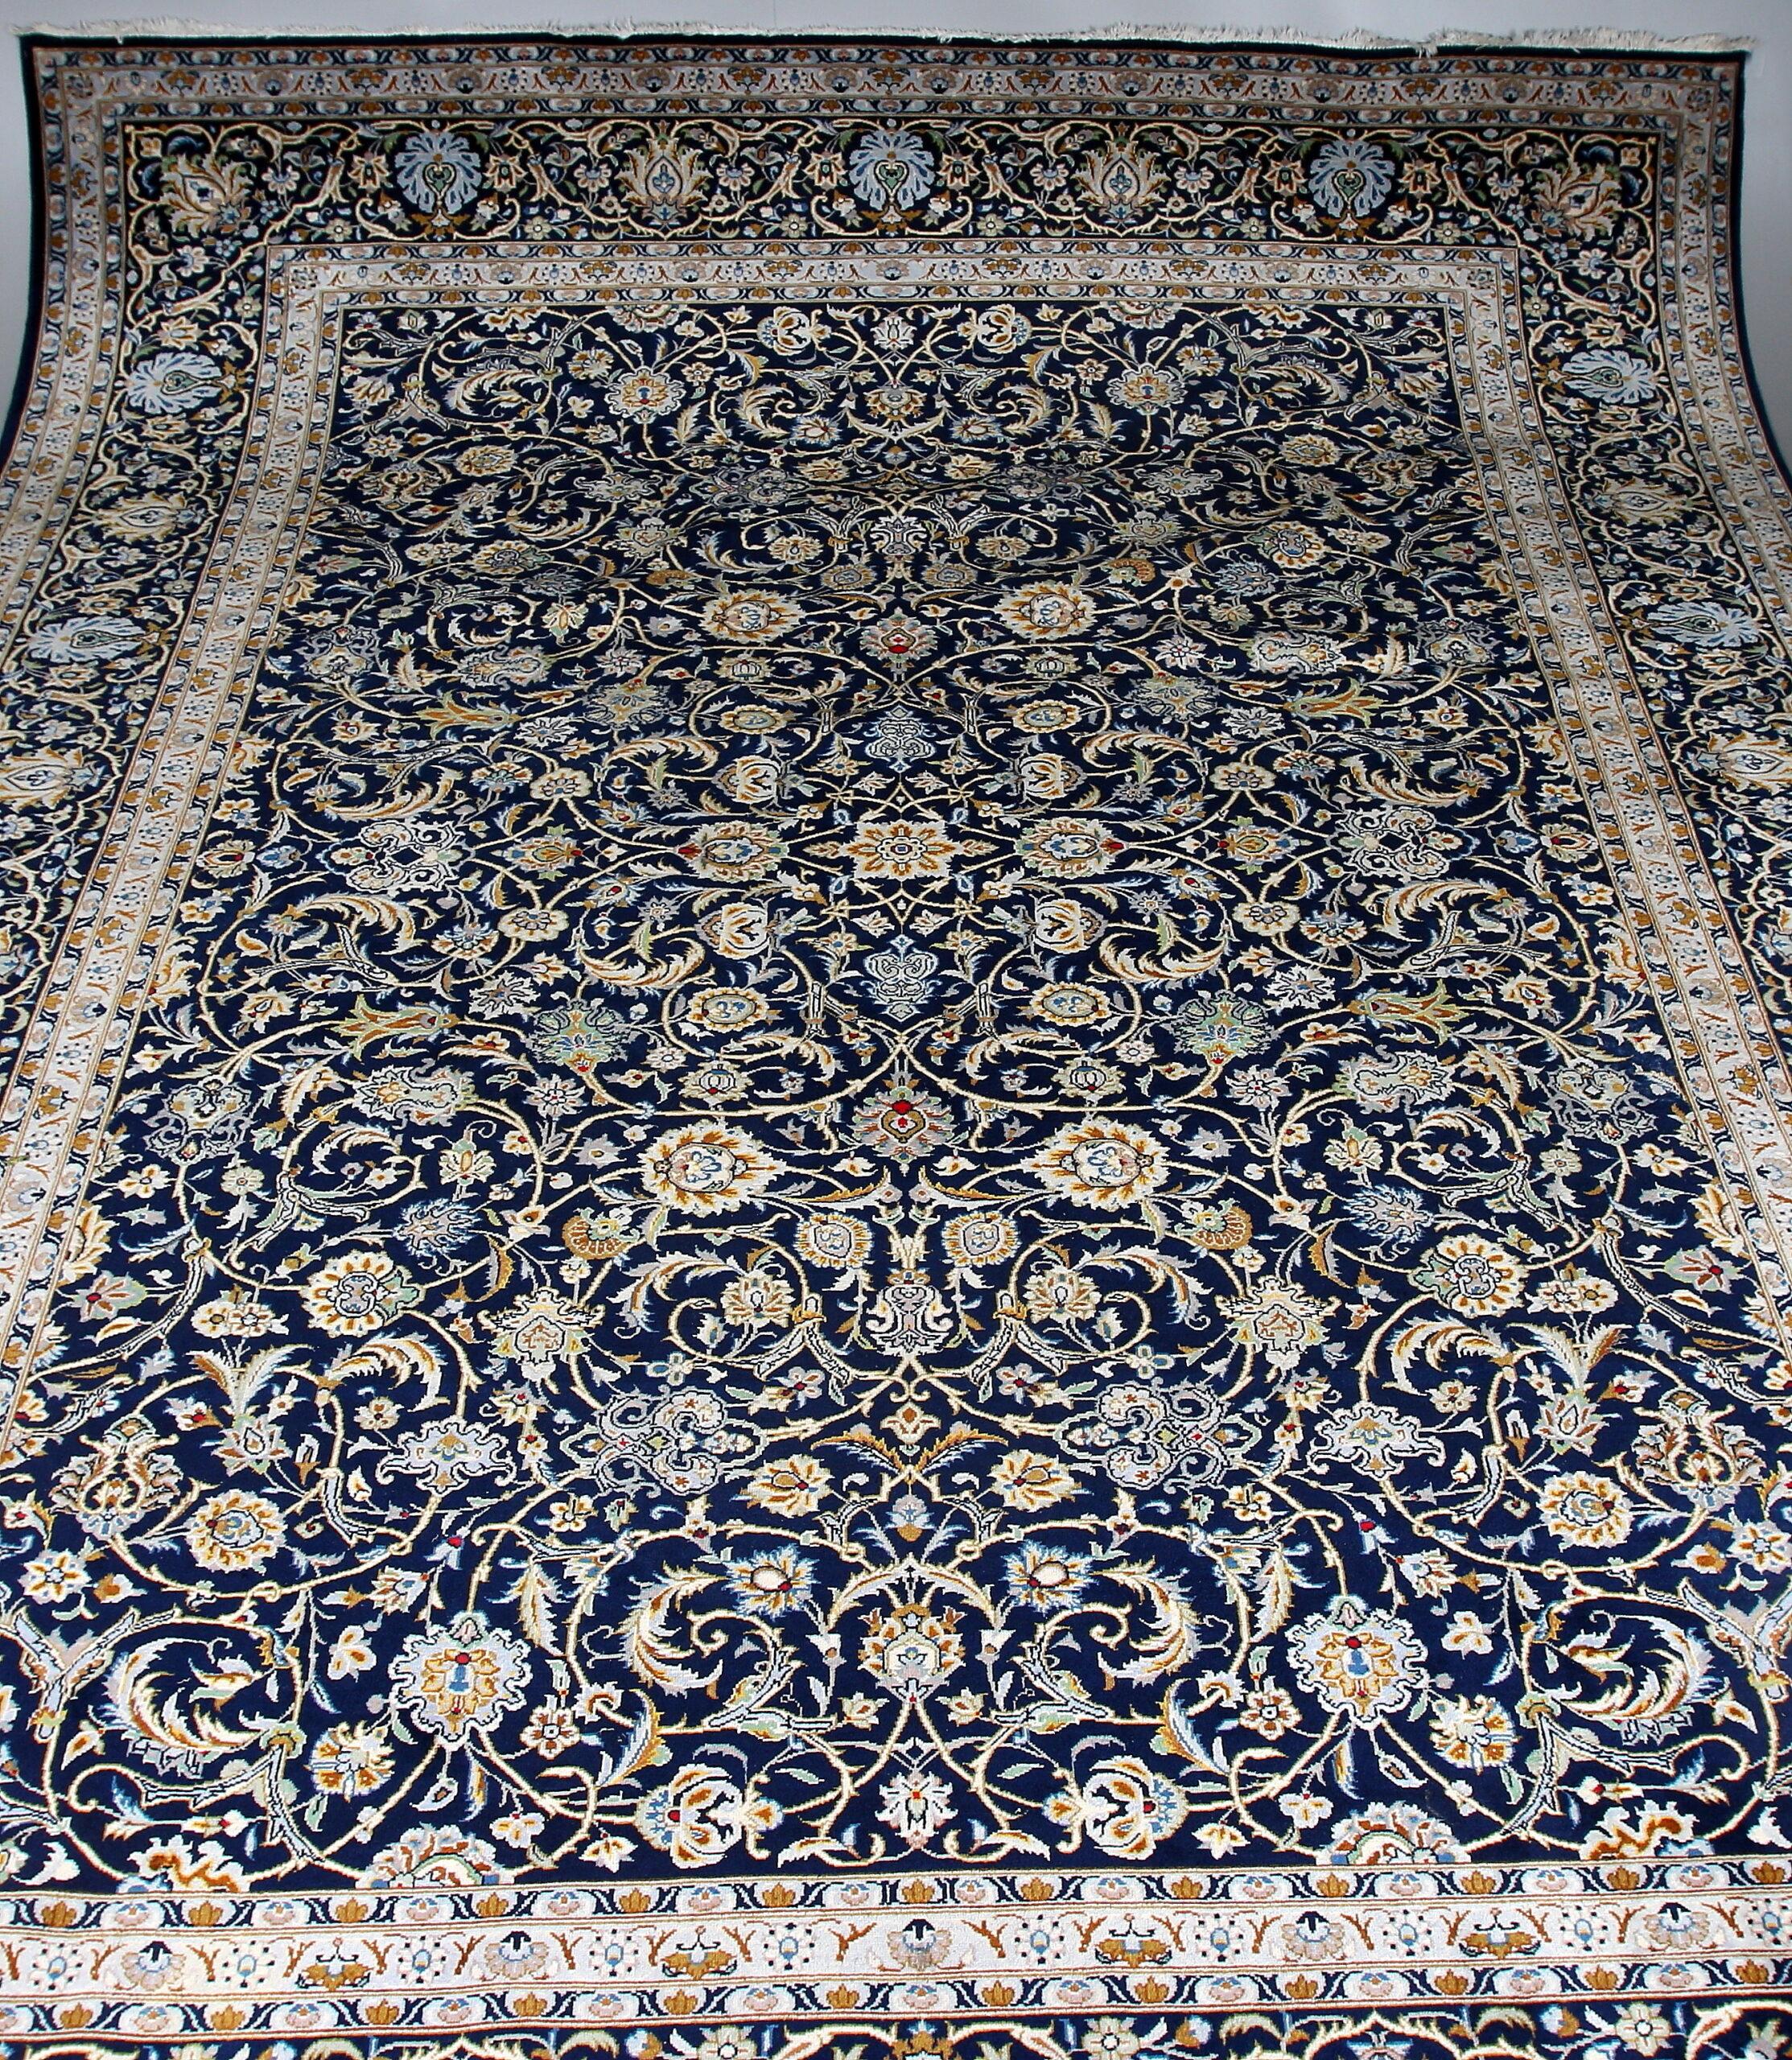 Full Size of Teppich 300x400 Orientalisch Esstisch Schlafzimmer Bad Steinteppich Wohnzimmer Teppiche Für Küche Badezimmer Wohnzimmer Teppich 300x400